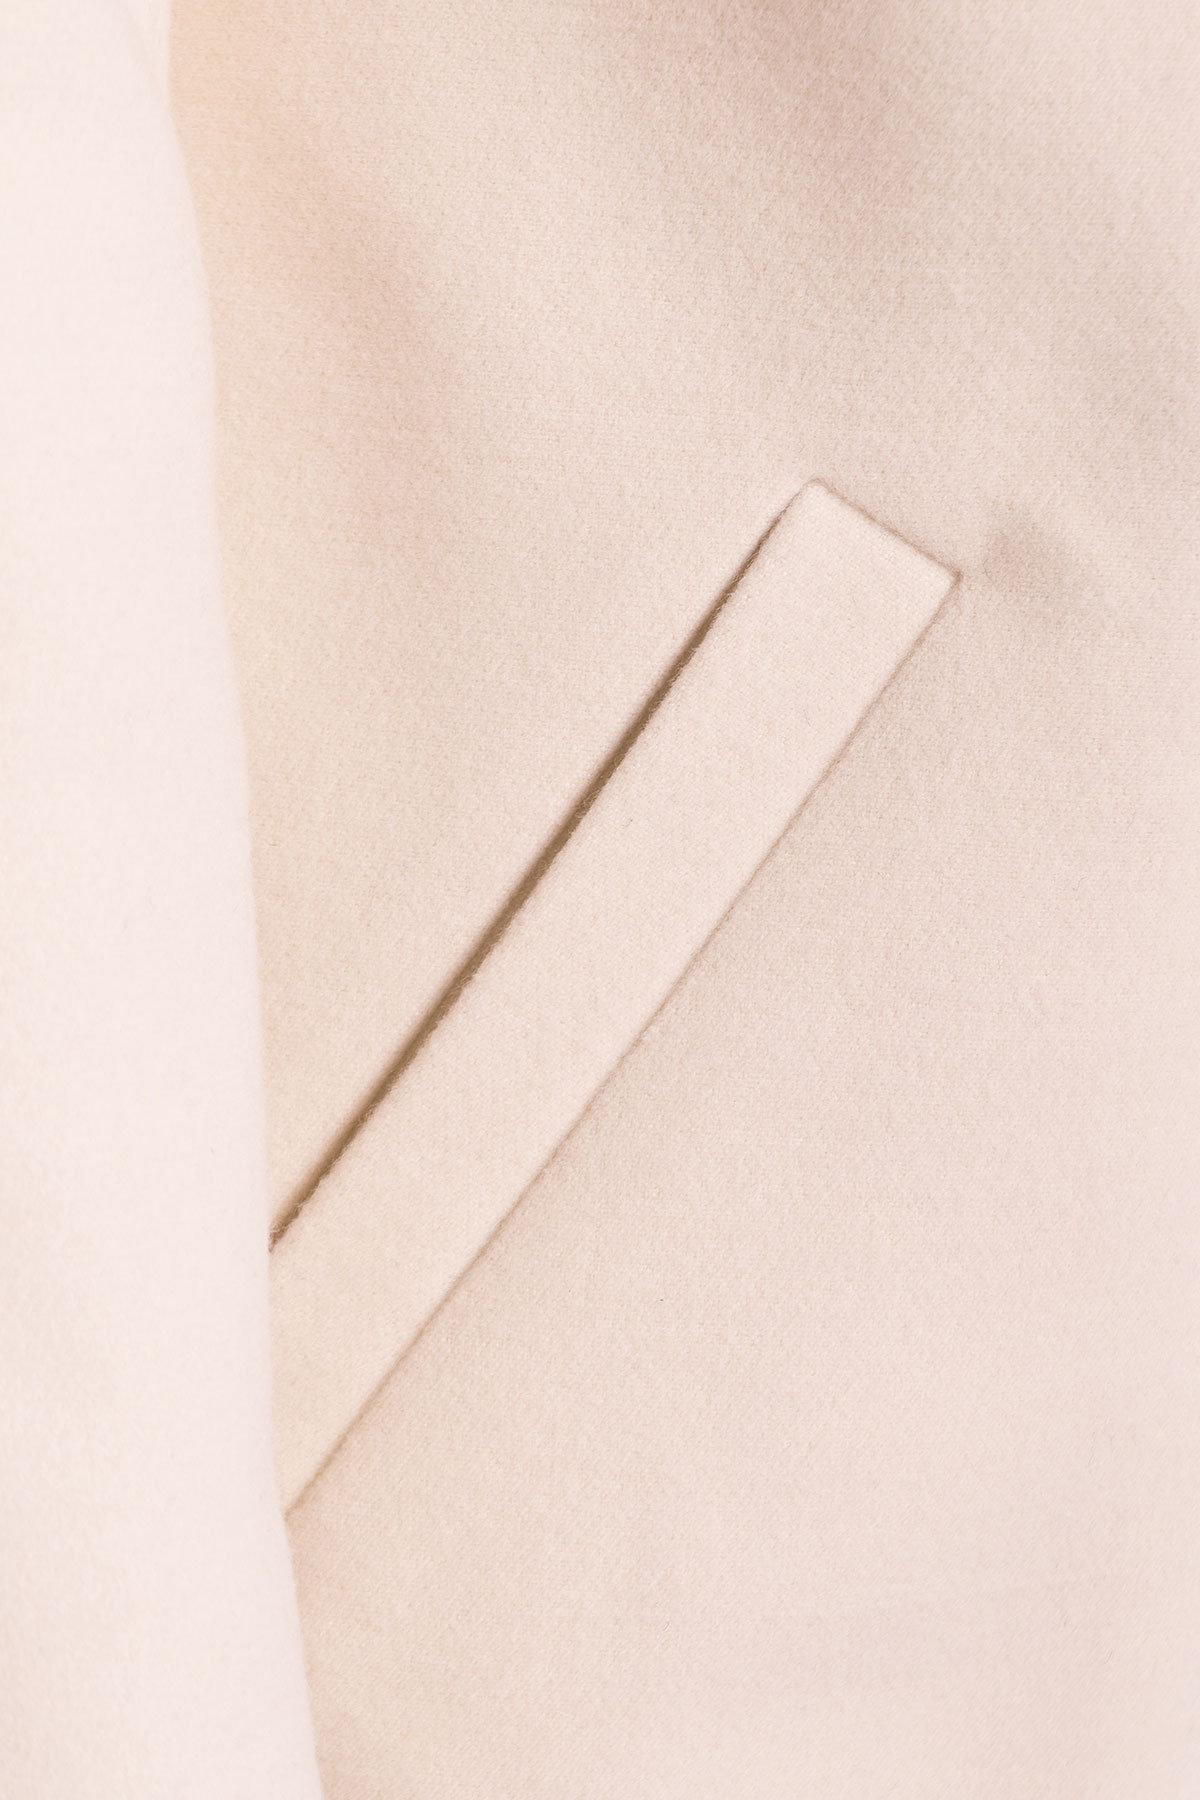 Пальто Фортуна 4812 АРТ. 6761 Цвет: Светло-бежевый - фото 4, интернет магазин tm-modus.ru